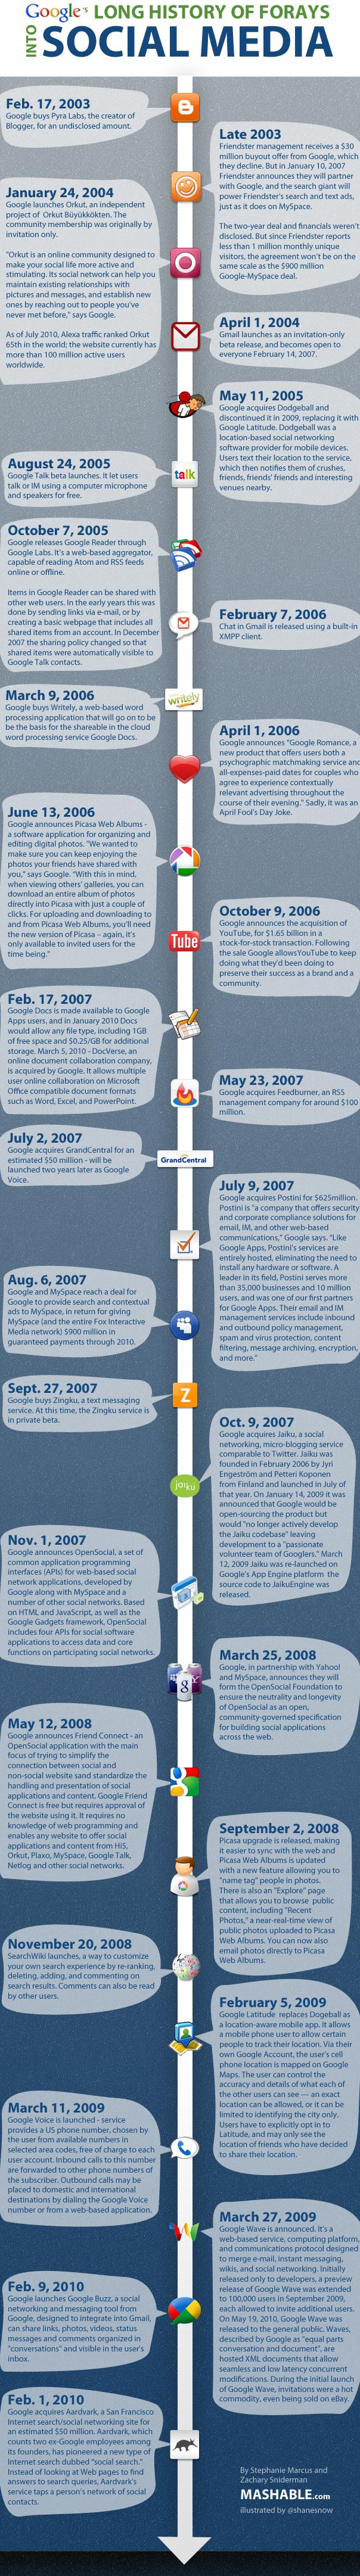 Google's many forays into social media [infographic]